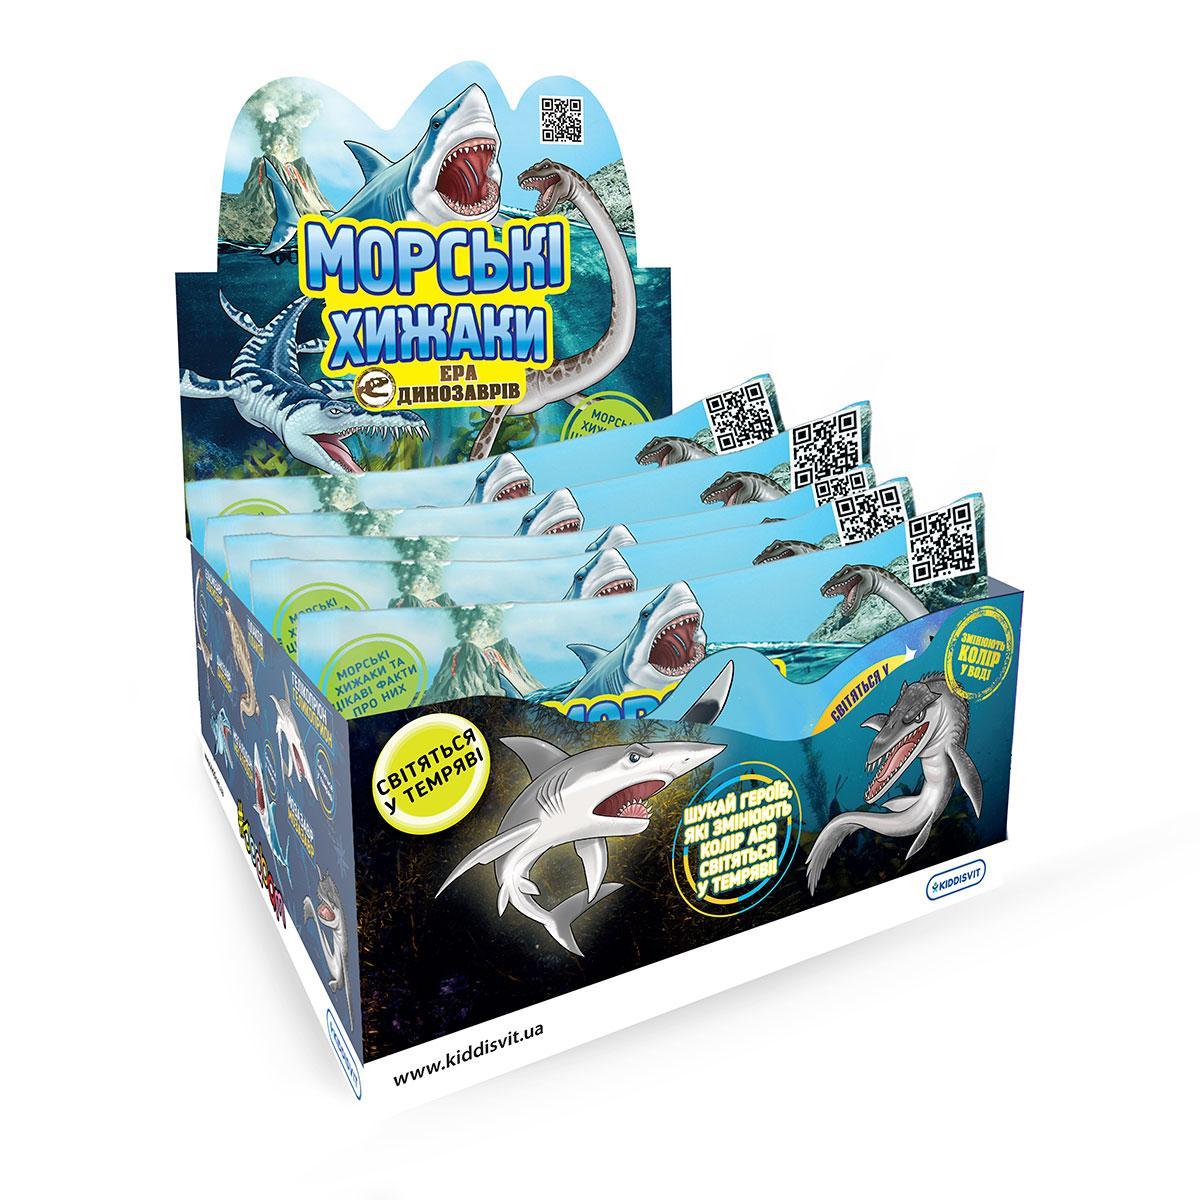 Стретч-игрушка в виде животного  – Морские хищники. Эра динозавров #SBABAM (12 шт, в дисплее)